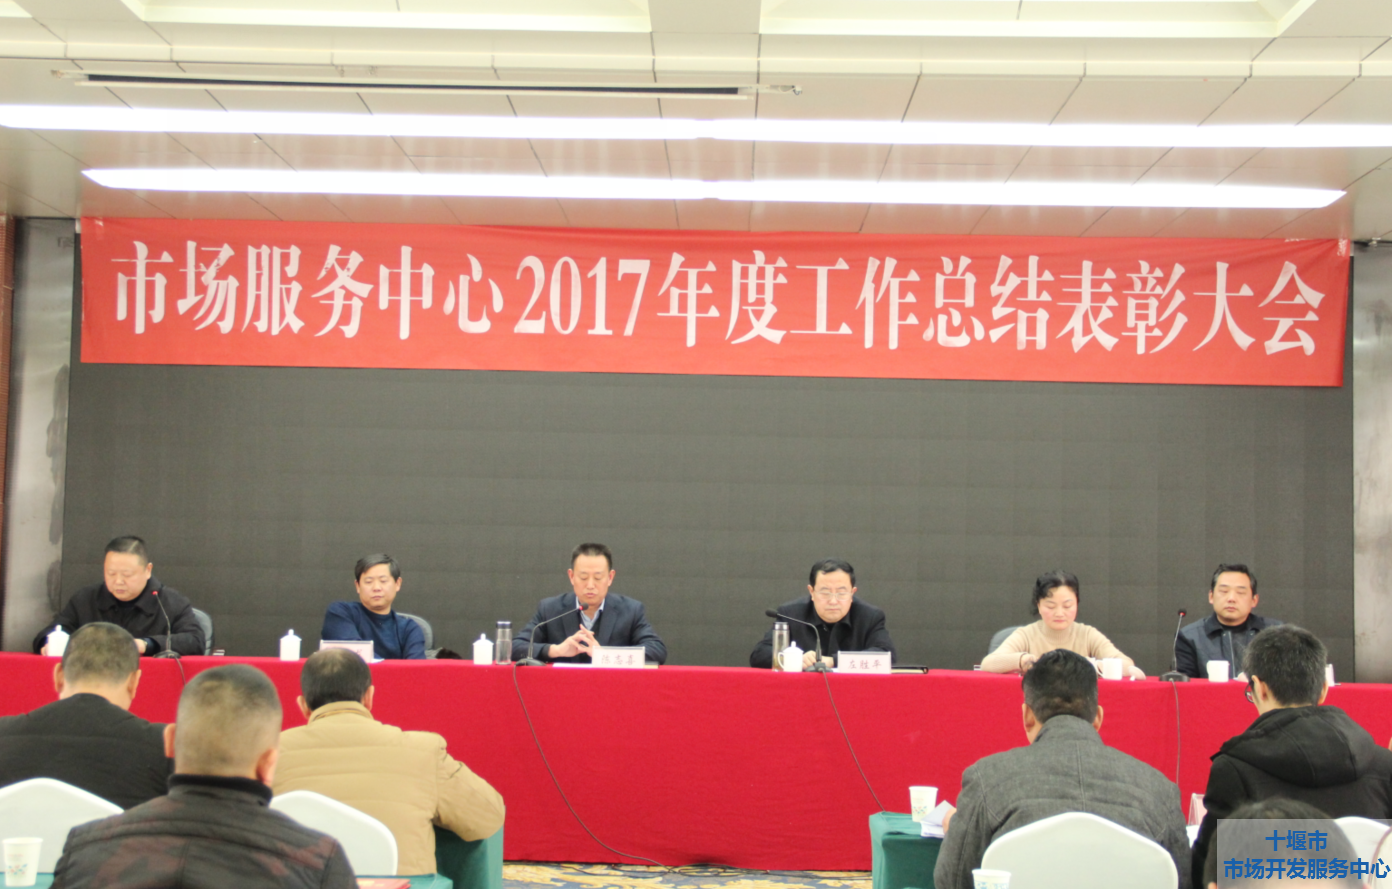 中心召开2017年度工作总结表彰大会